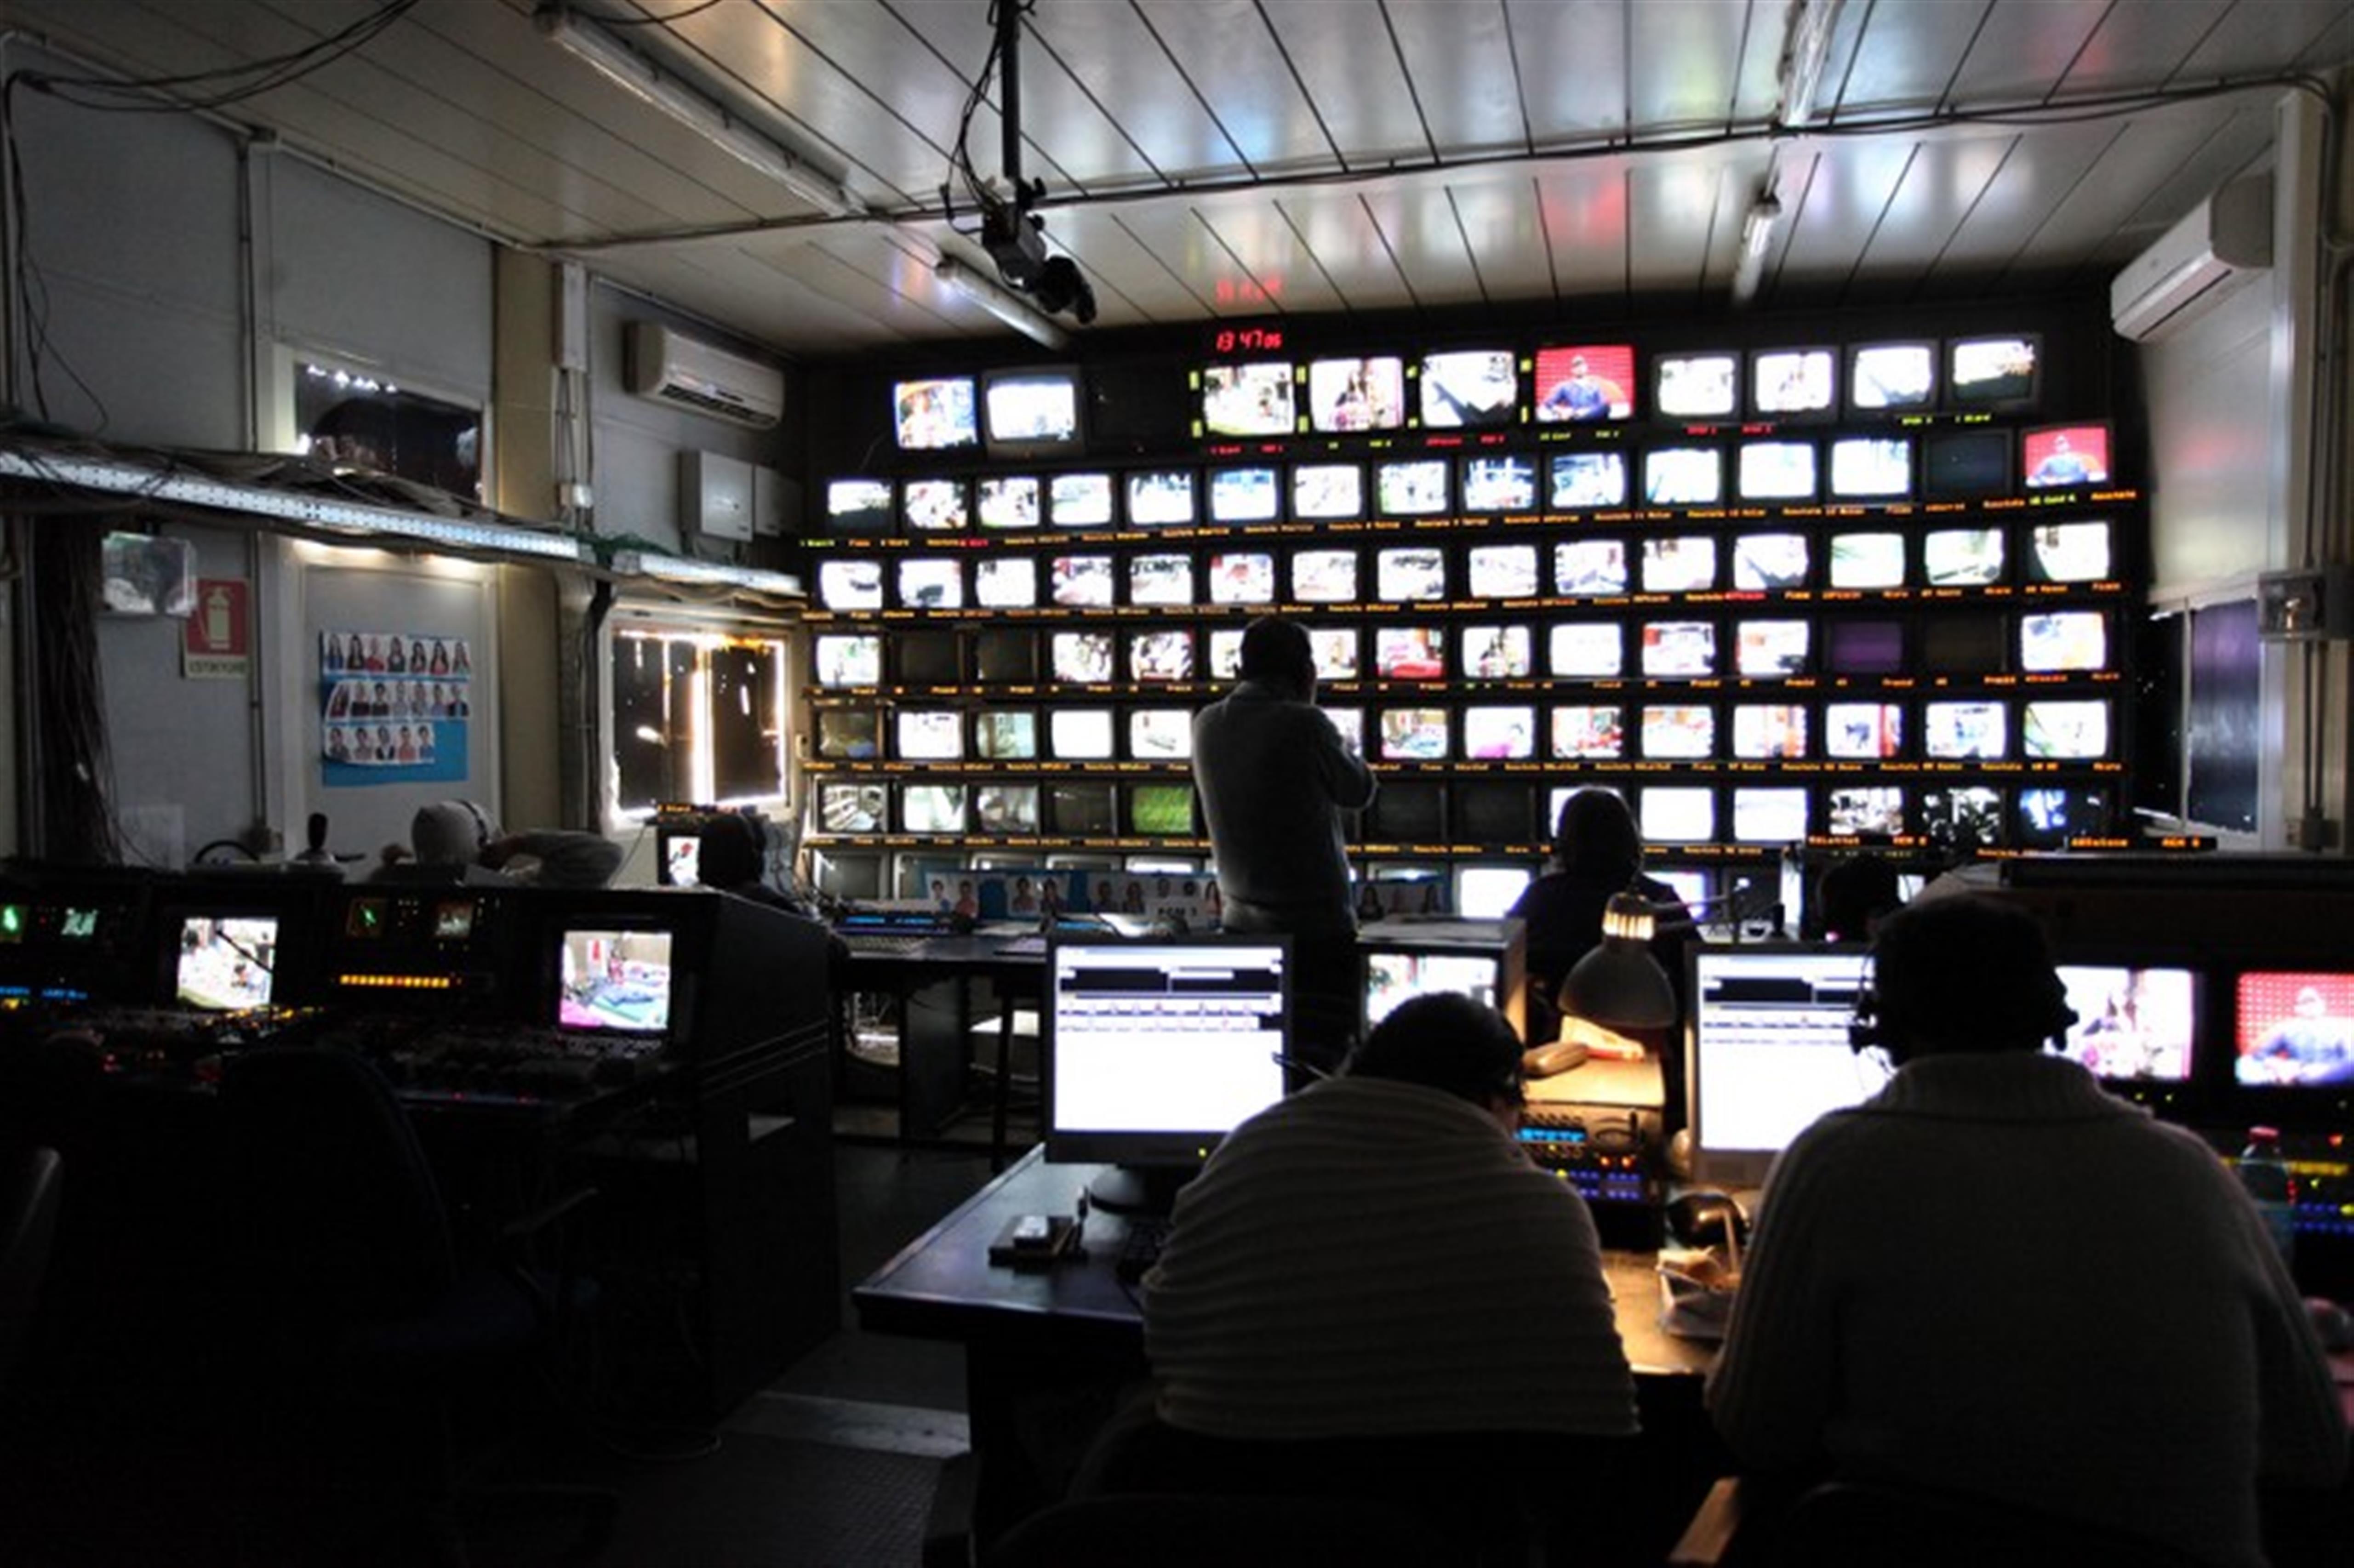 Esportazione di tecnologie di sorveglianza, la nostra lettera al MISE